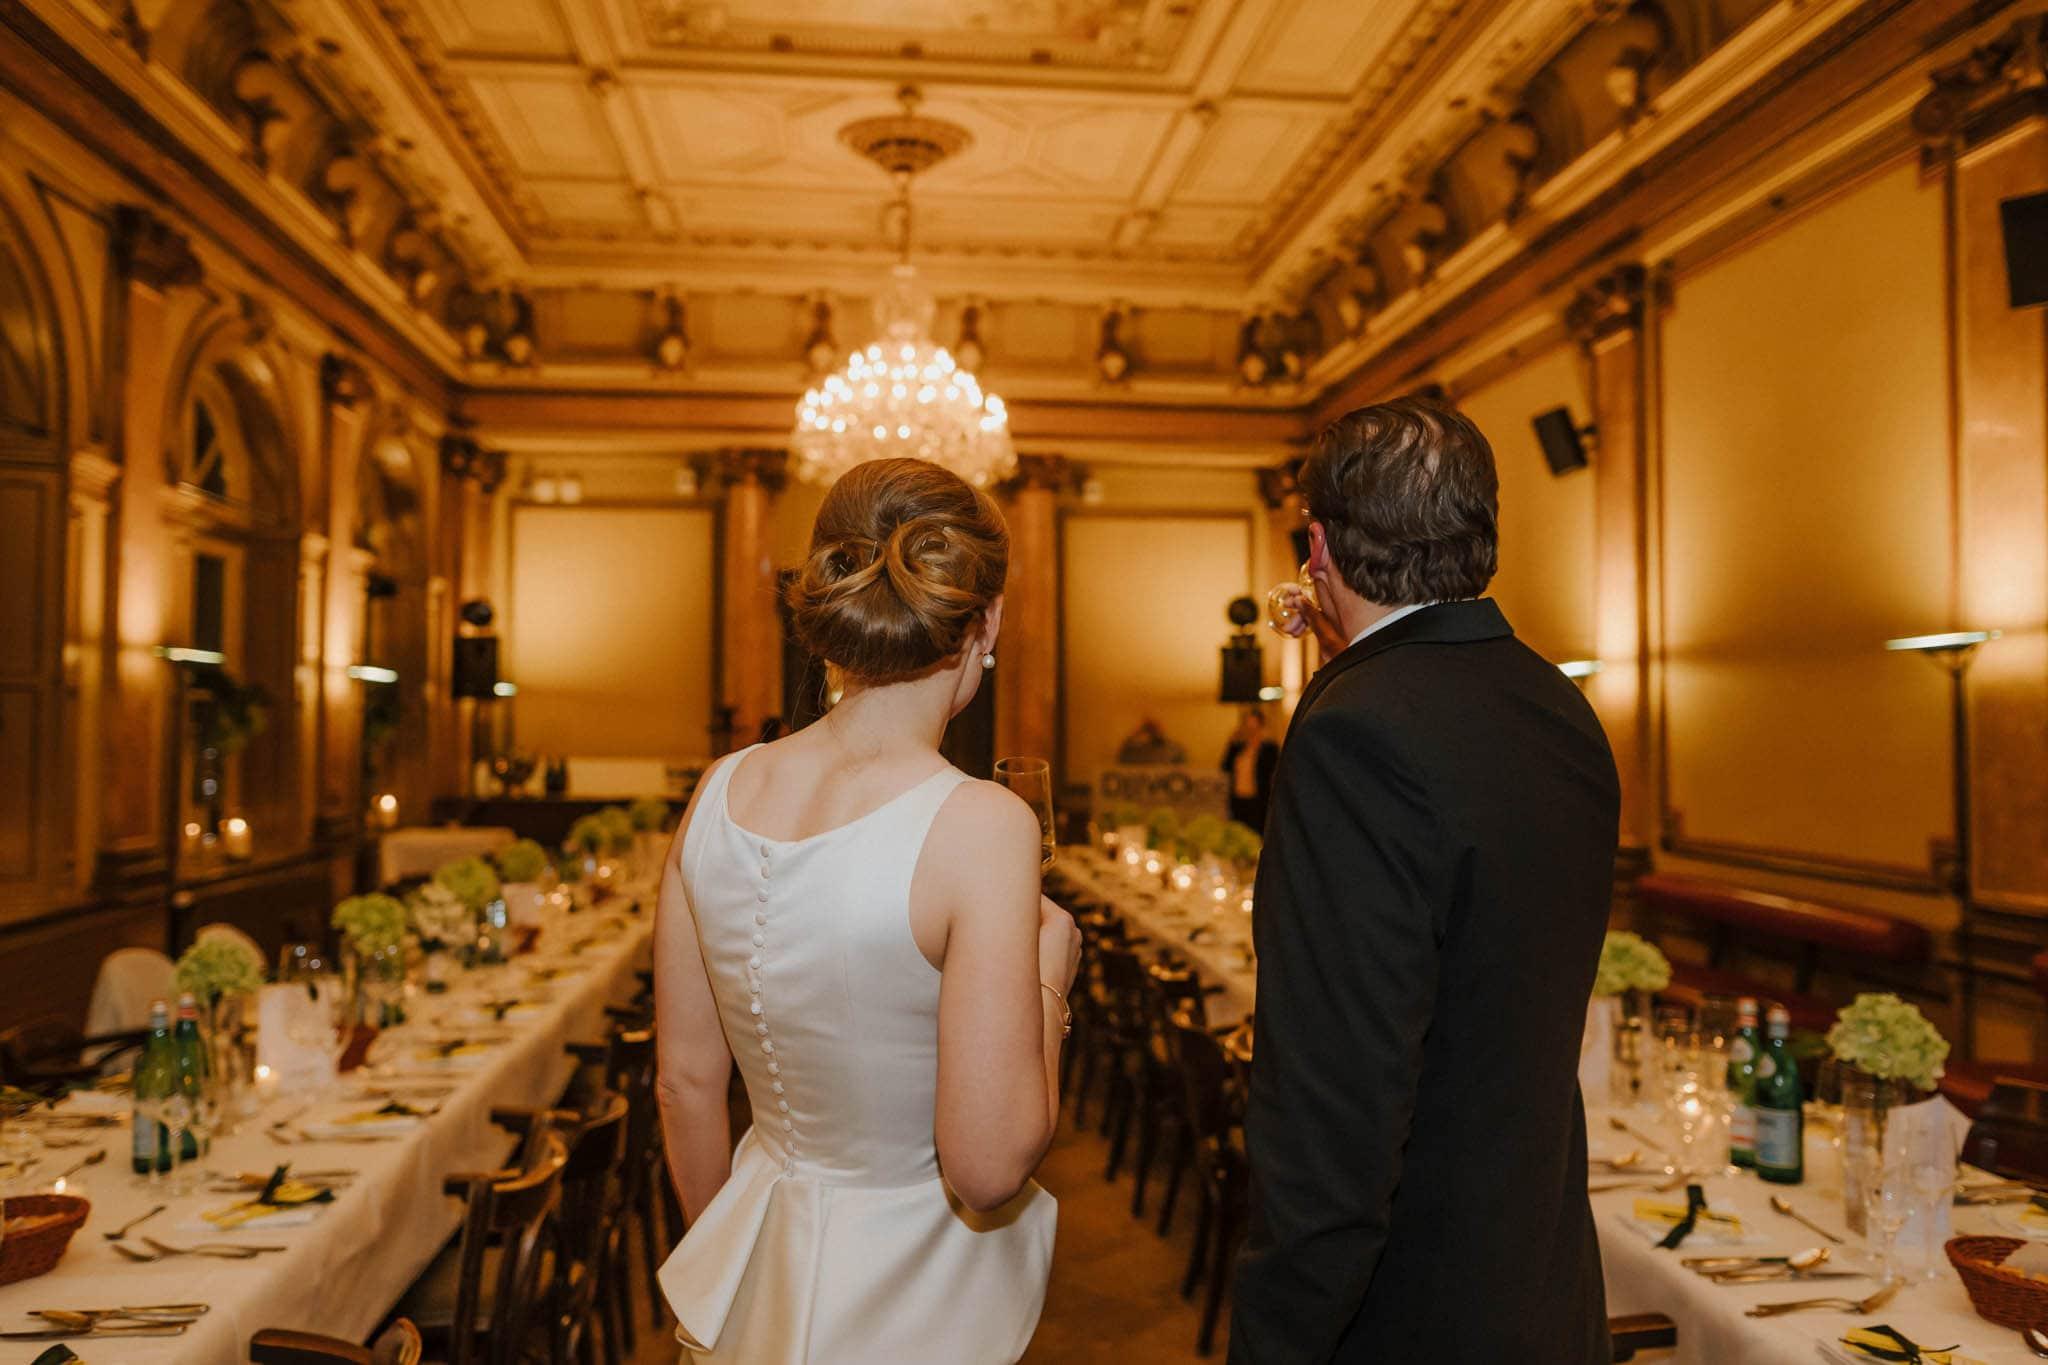 Hochzeitsfieber by Photo-Schomburg, Hochzeitsfotograf, Hamburg,Hochzeitstag, Hochzeitspaar, Braut, Bräutigam, Literaturhauscafe Hamburg-60